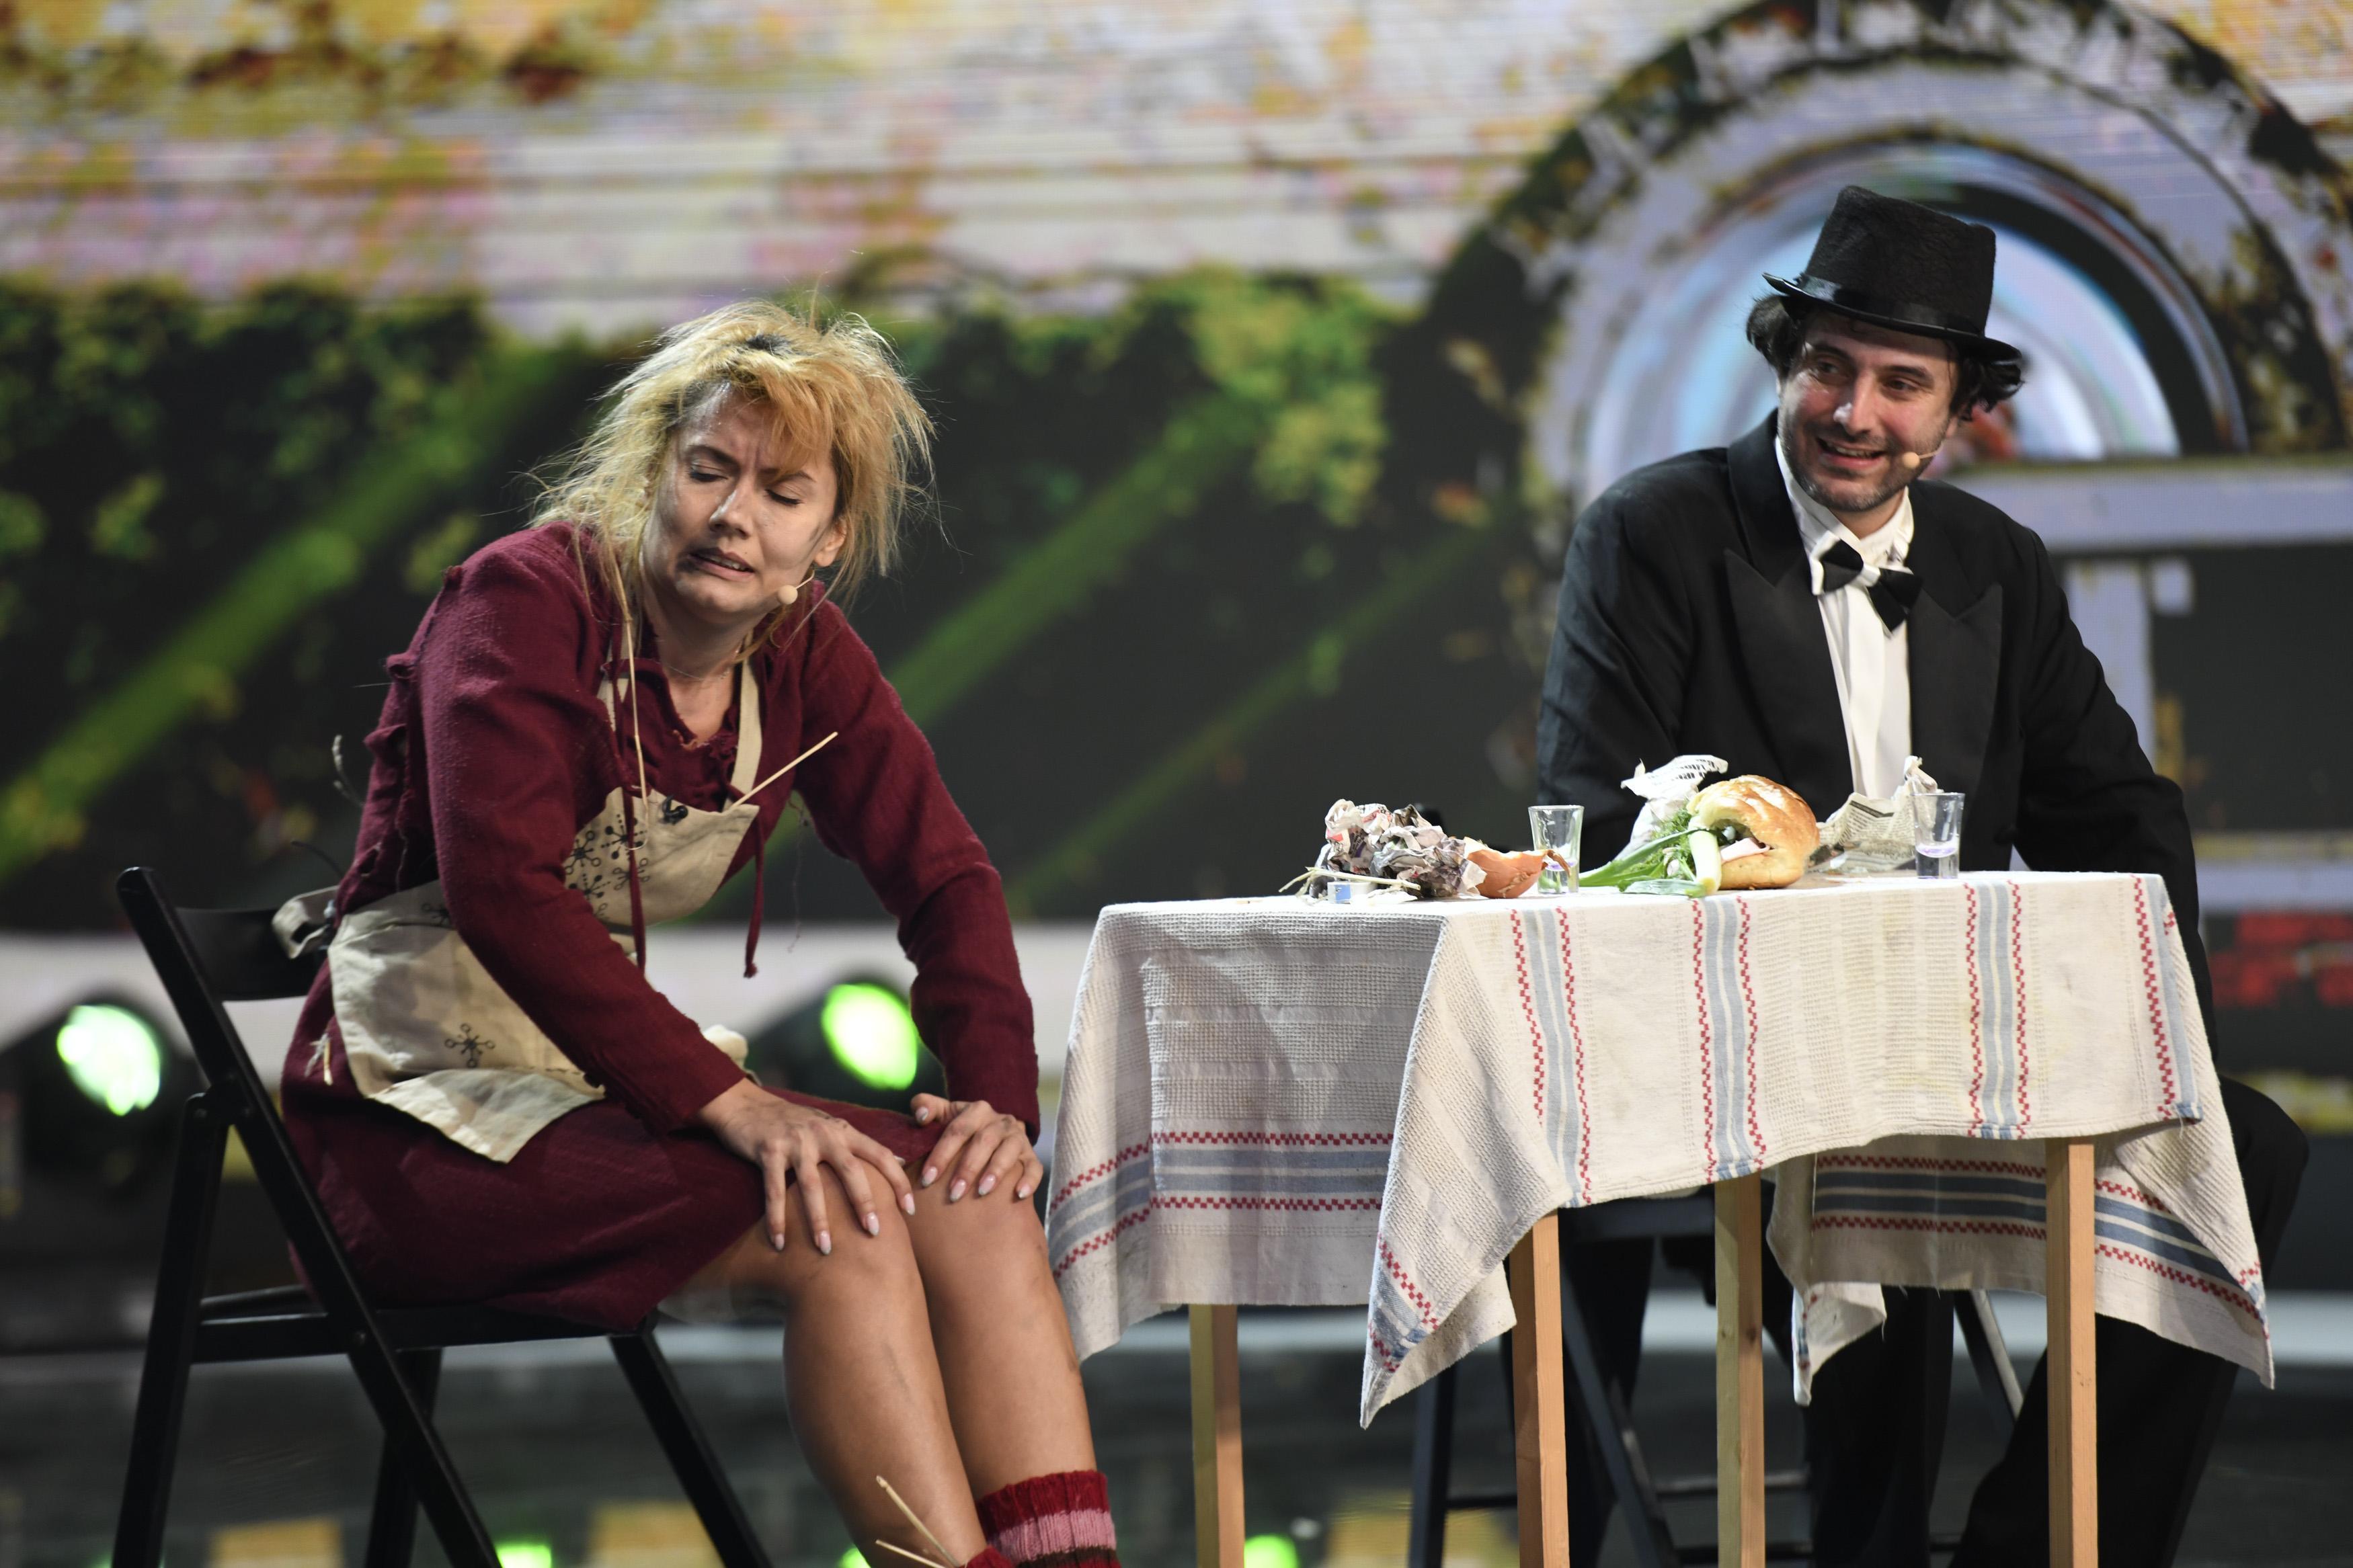 iUmor, 21 aprilie 2021. Compania de Teatru Cristi Toma a adus pe scena iUmor o cerere în căsătorie remarcabilă